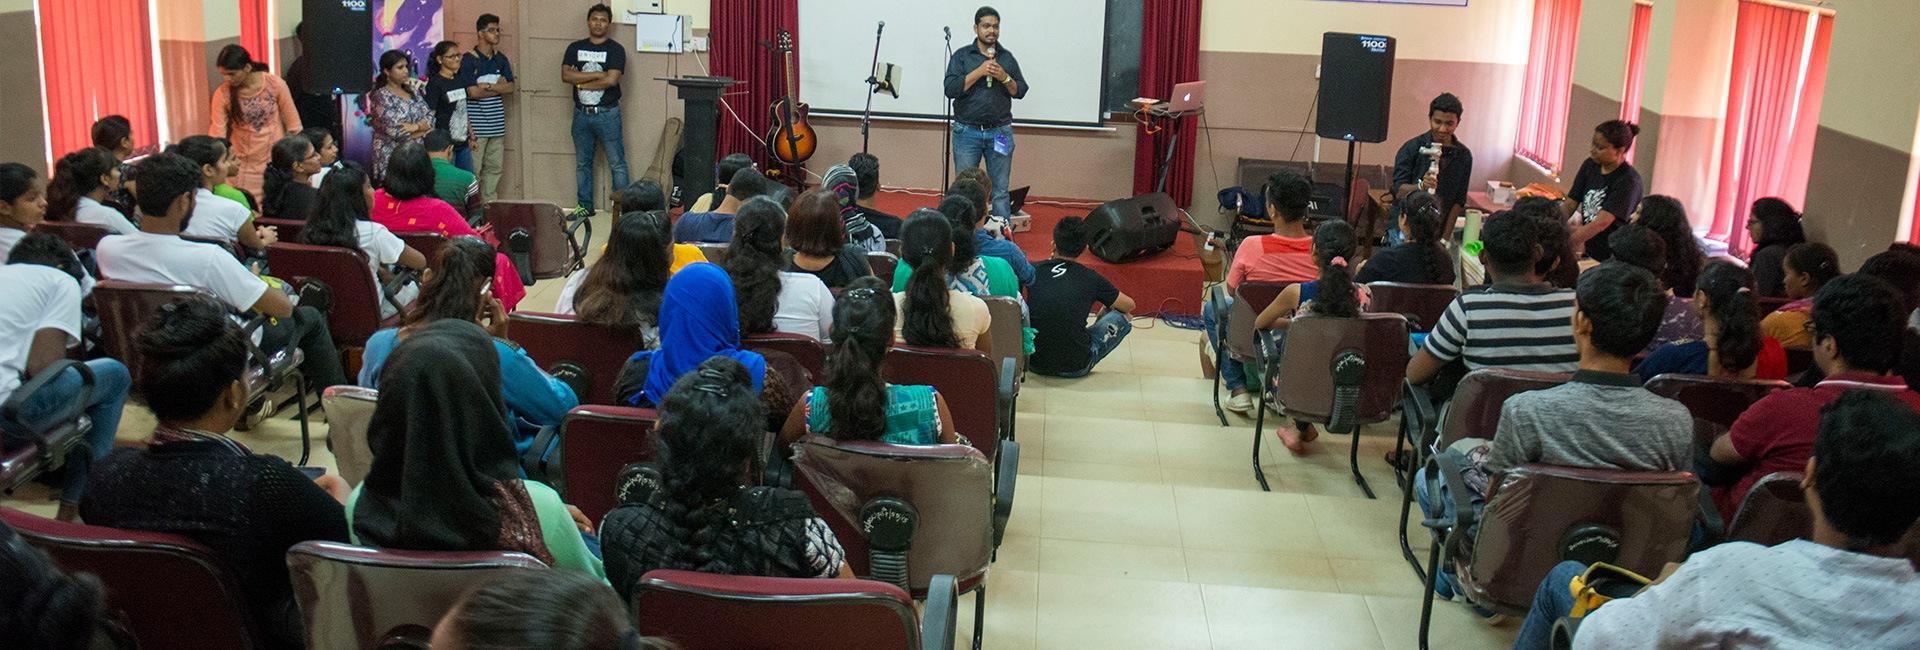 Bible Church Goa, Panjim, Bible teaching christian church, Church in Panjim, Church in Goa